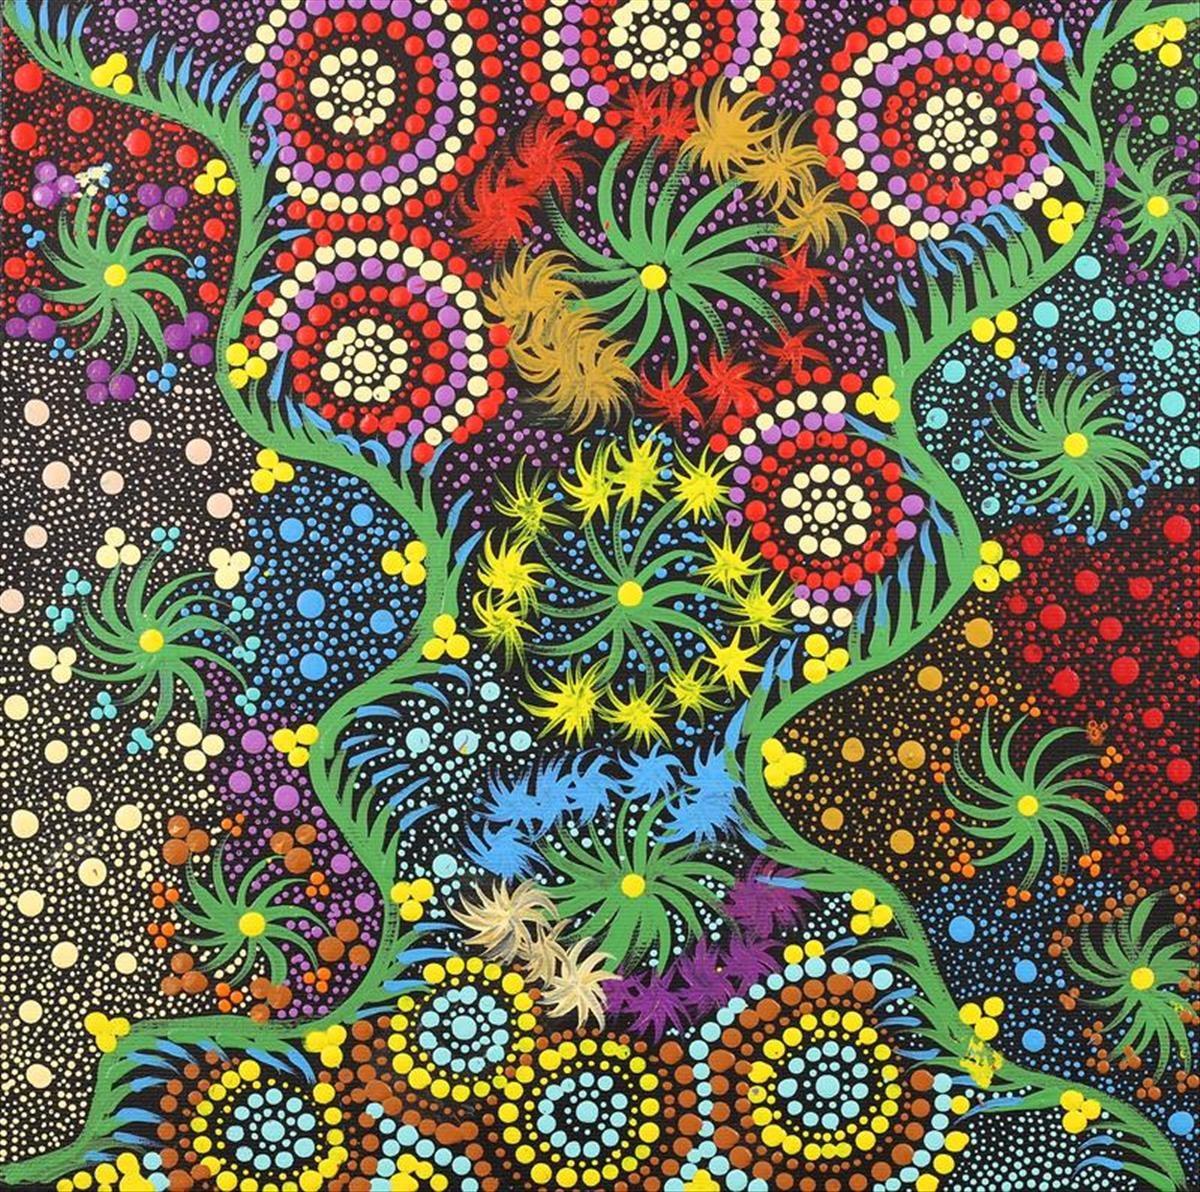 Grass and seeds.jpg